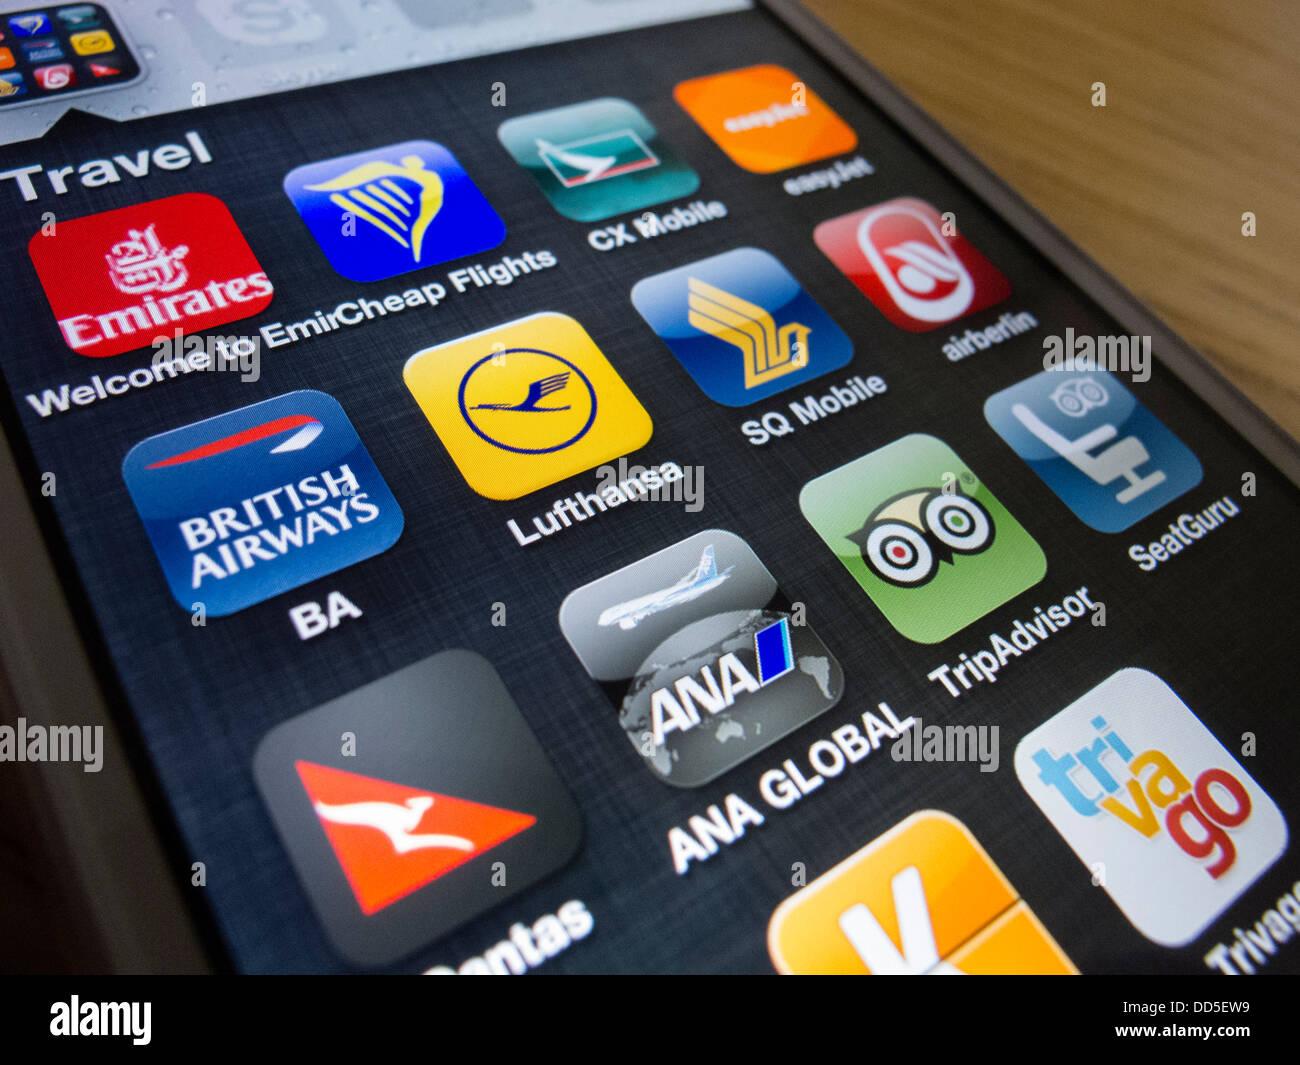 Dettaglio di molti viaggi e compagnia aerea app su un iPhone 5 smart phone Immagini Stock